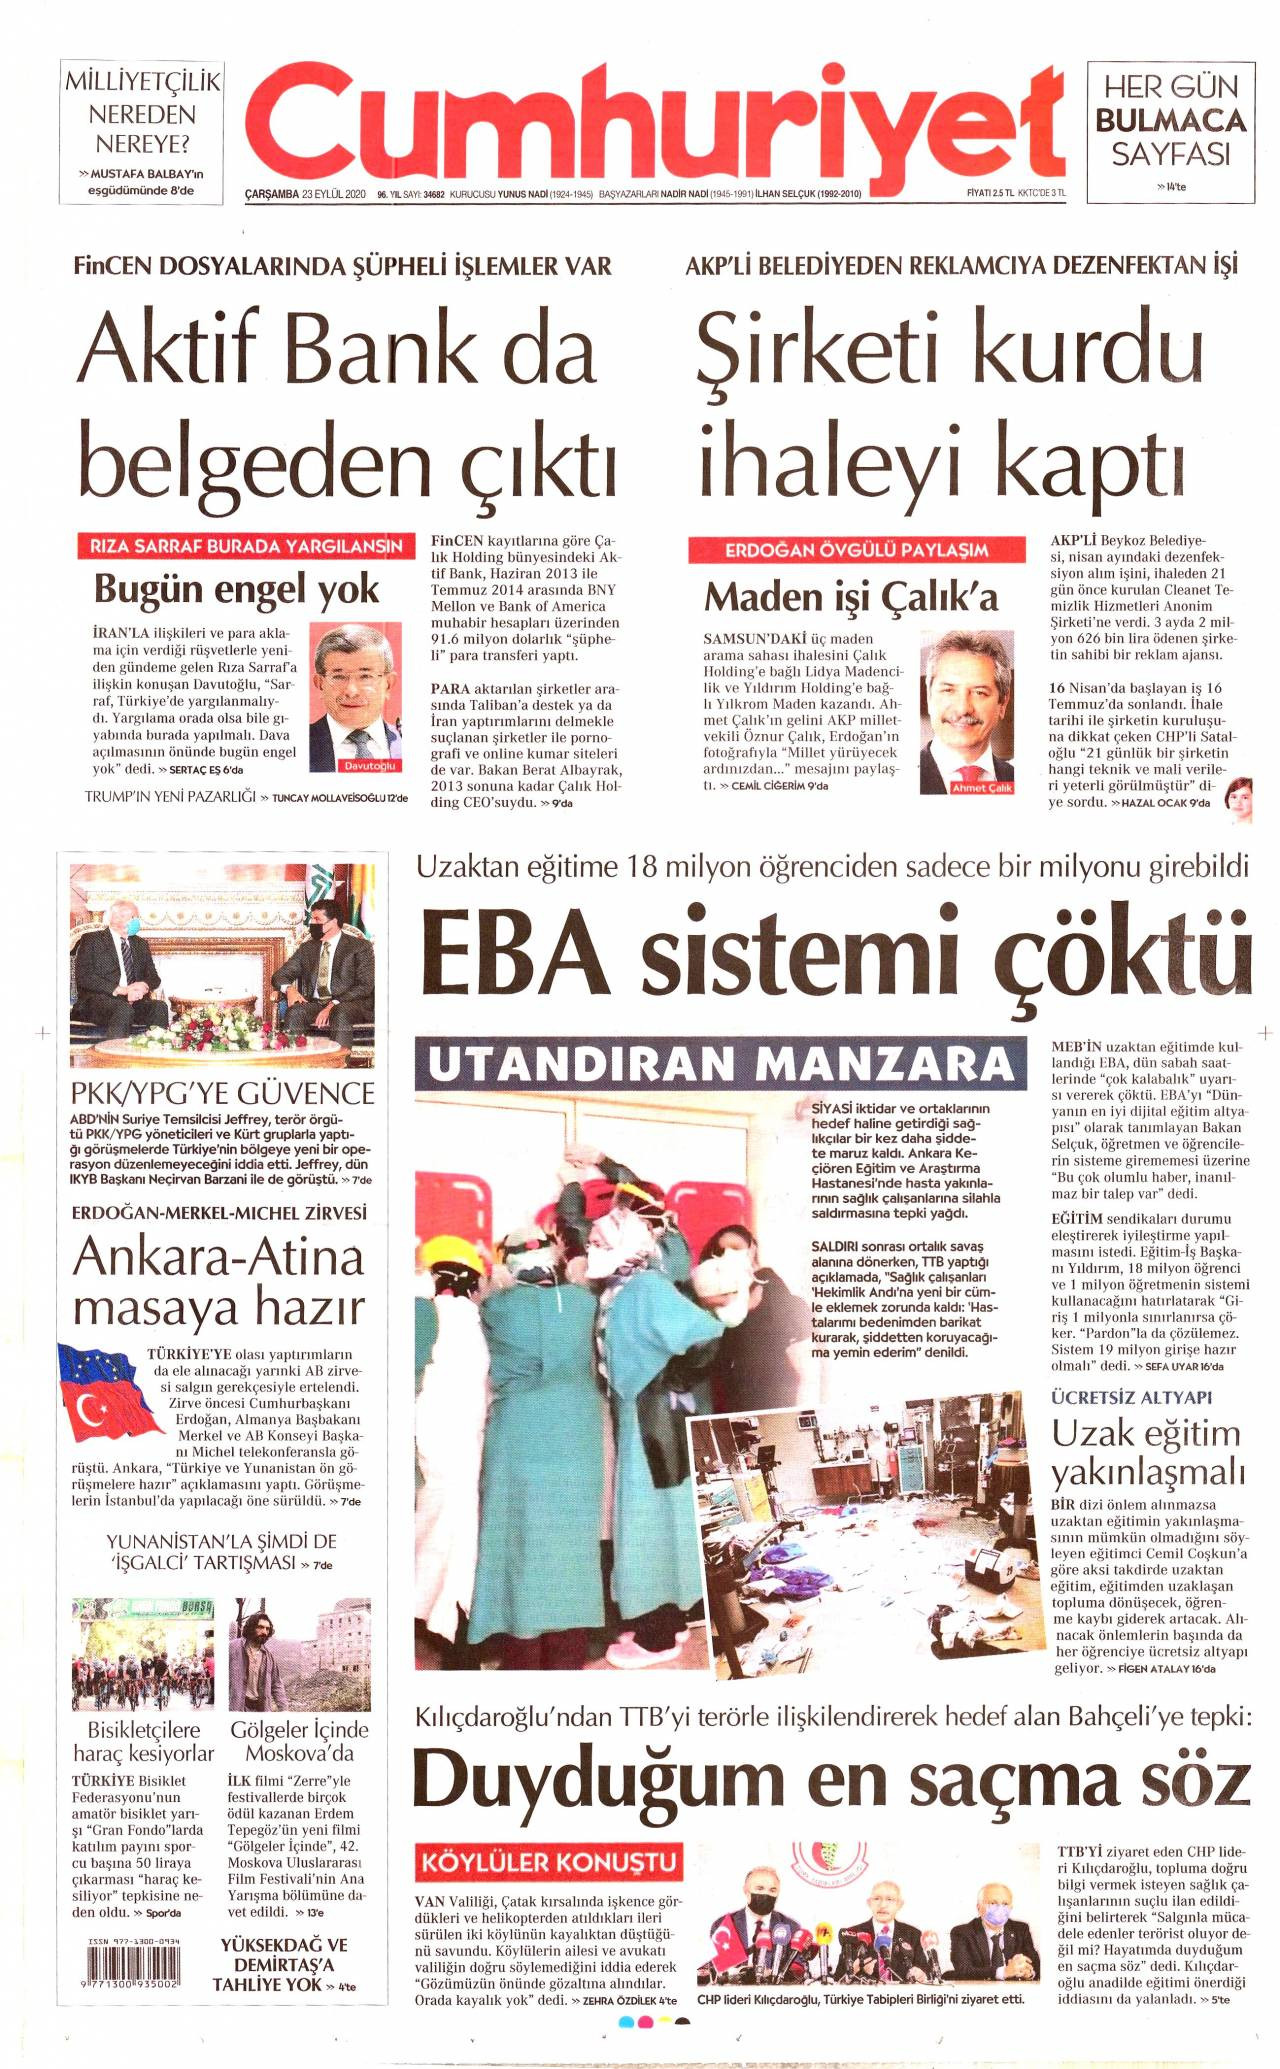 Cumhuriyet Gazetesi 23 Eylül 2020 Anasayfası - Haber3